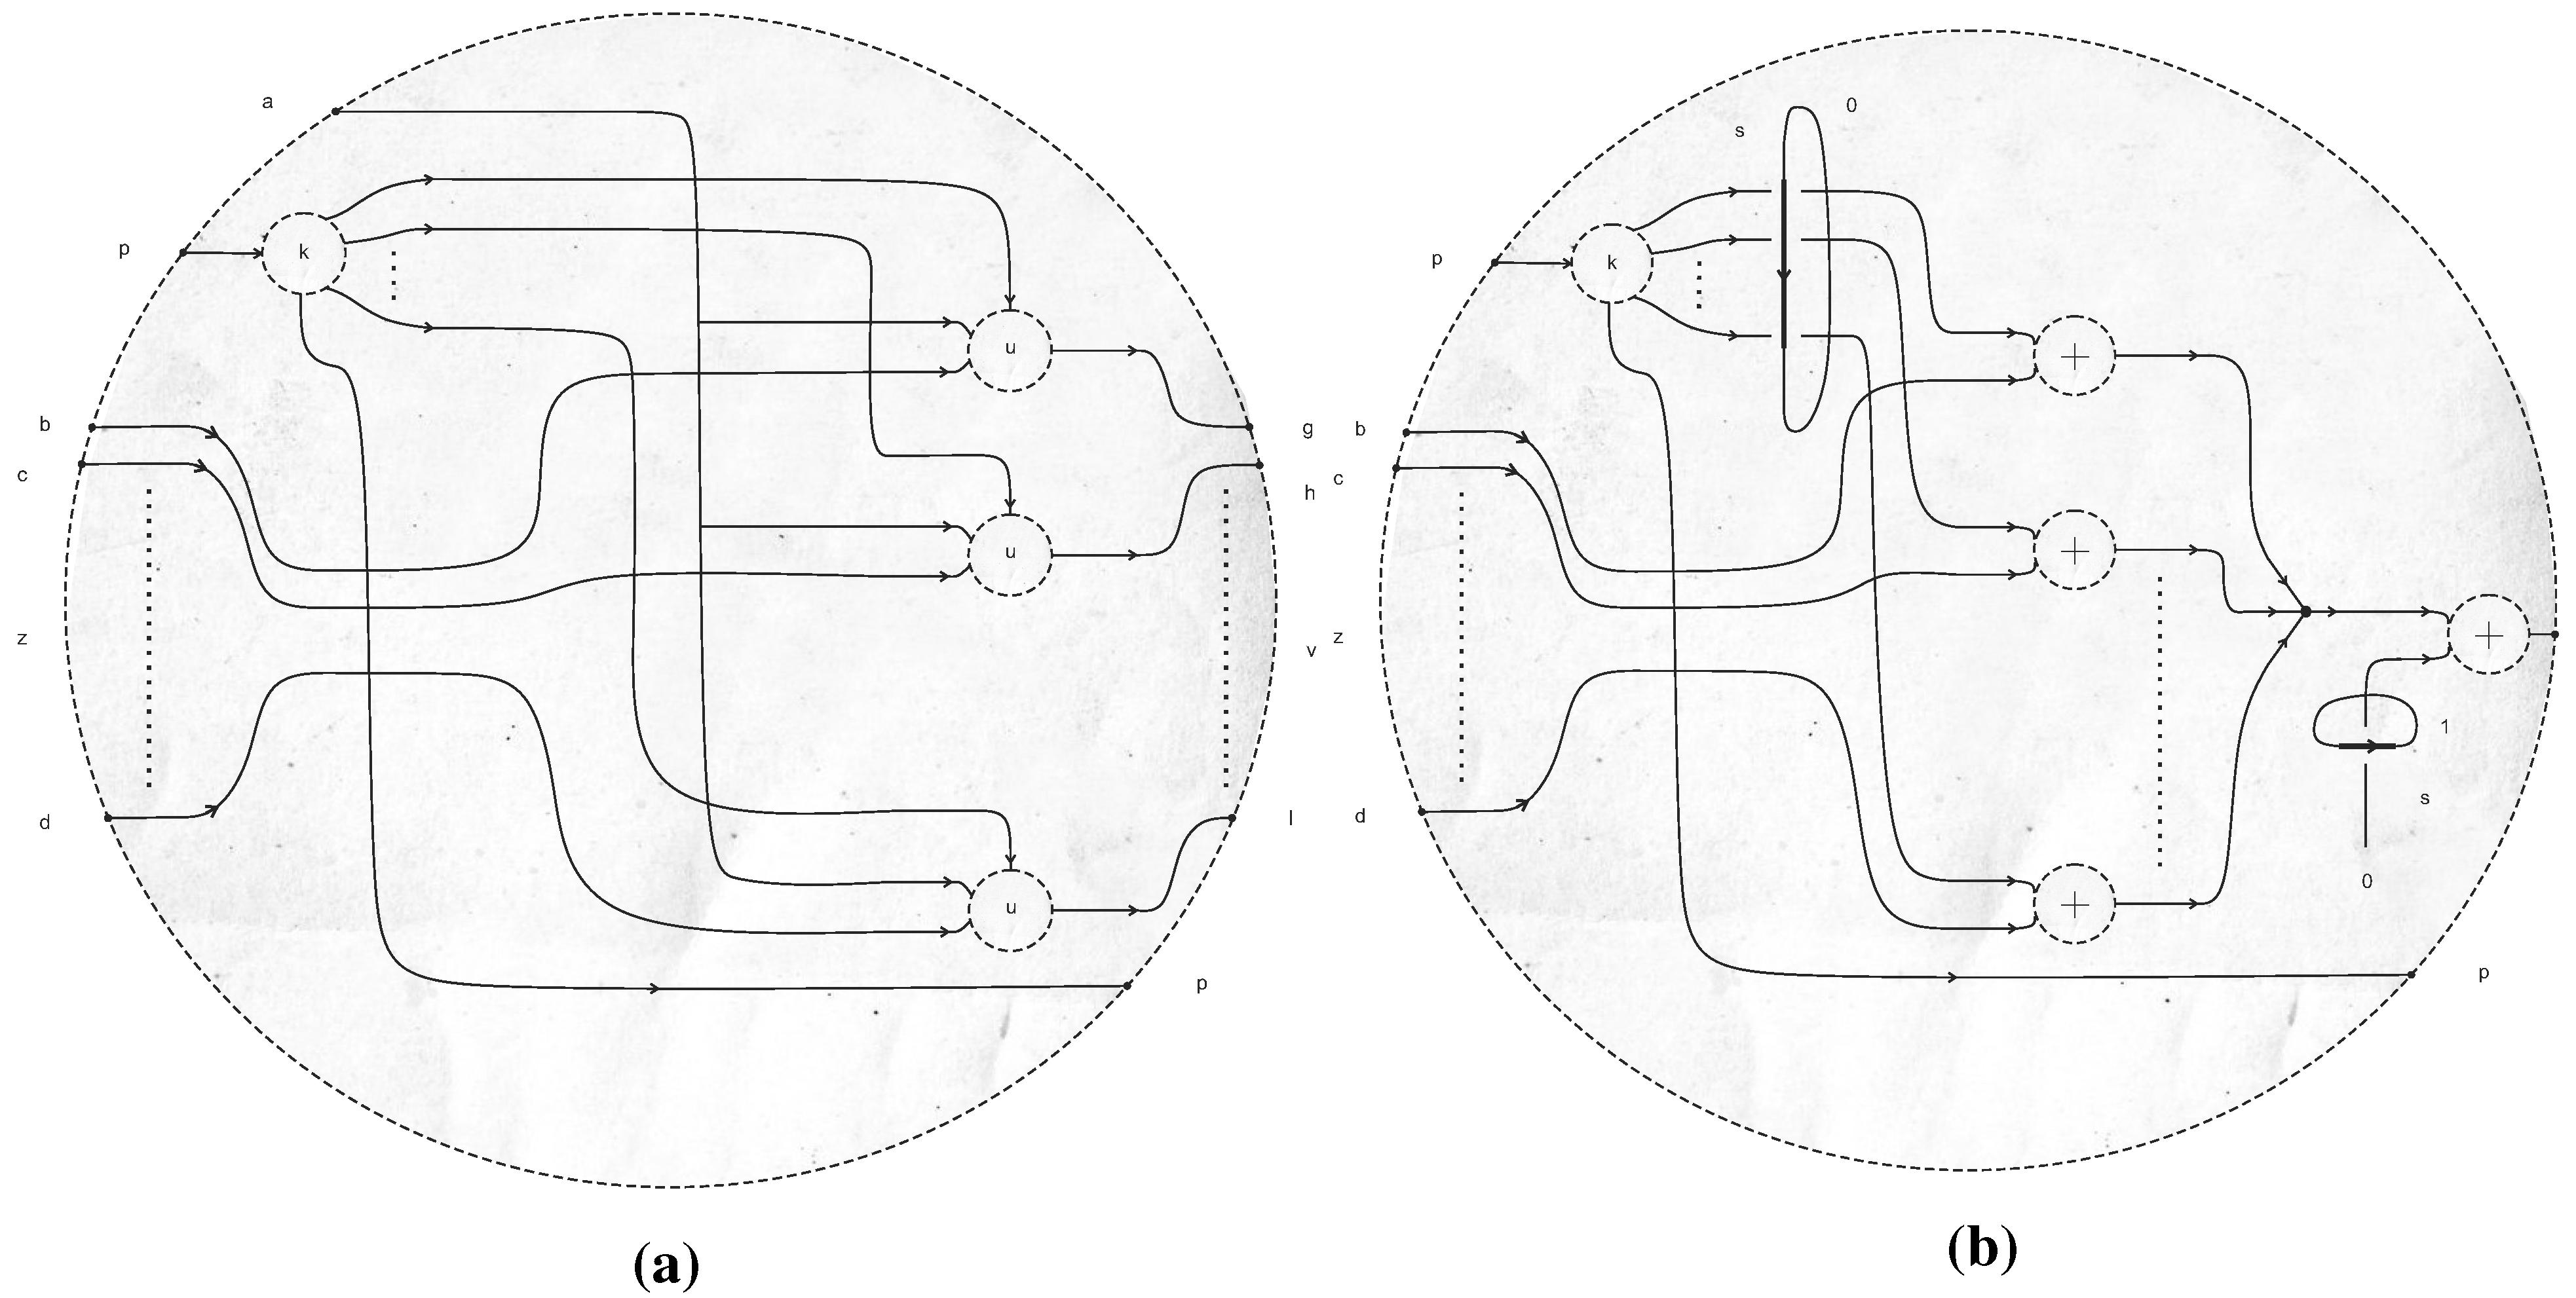 digitrax booster wiring diagram tortoise switch machine